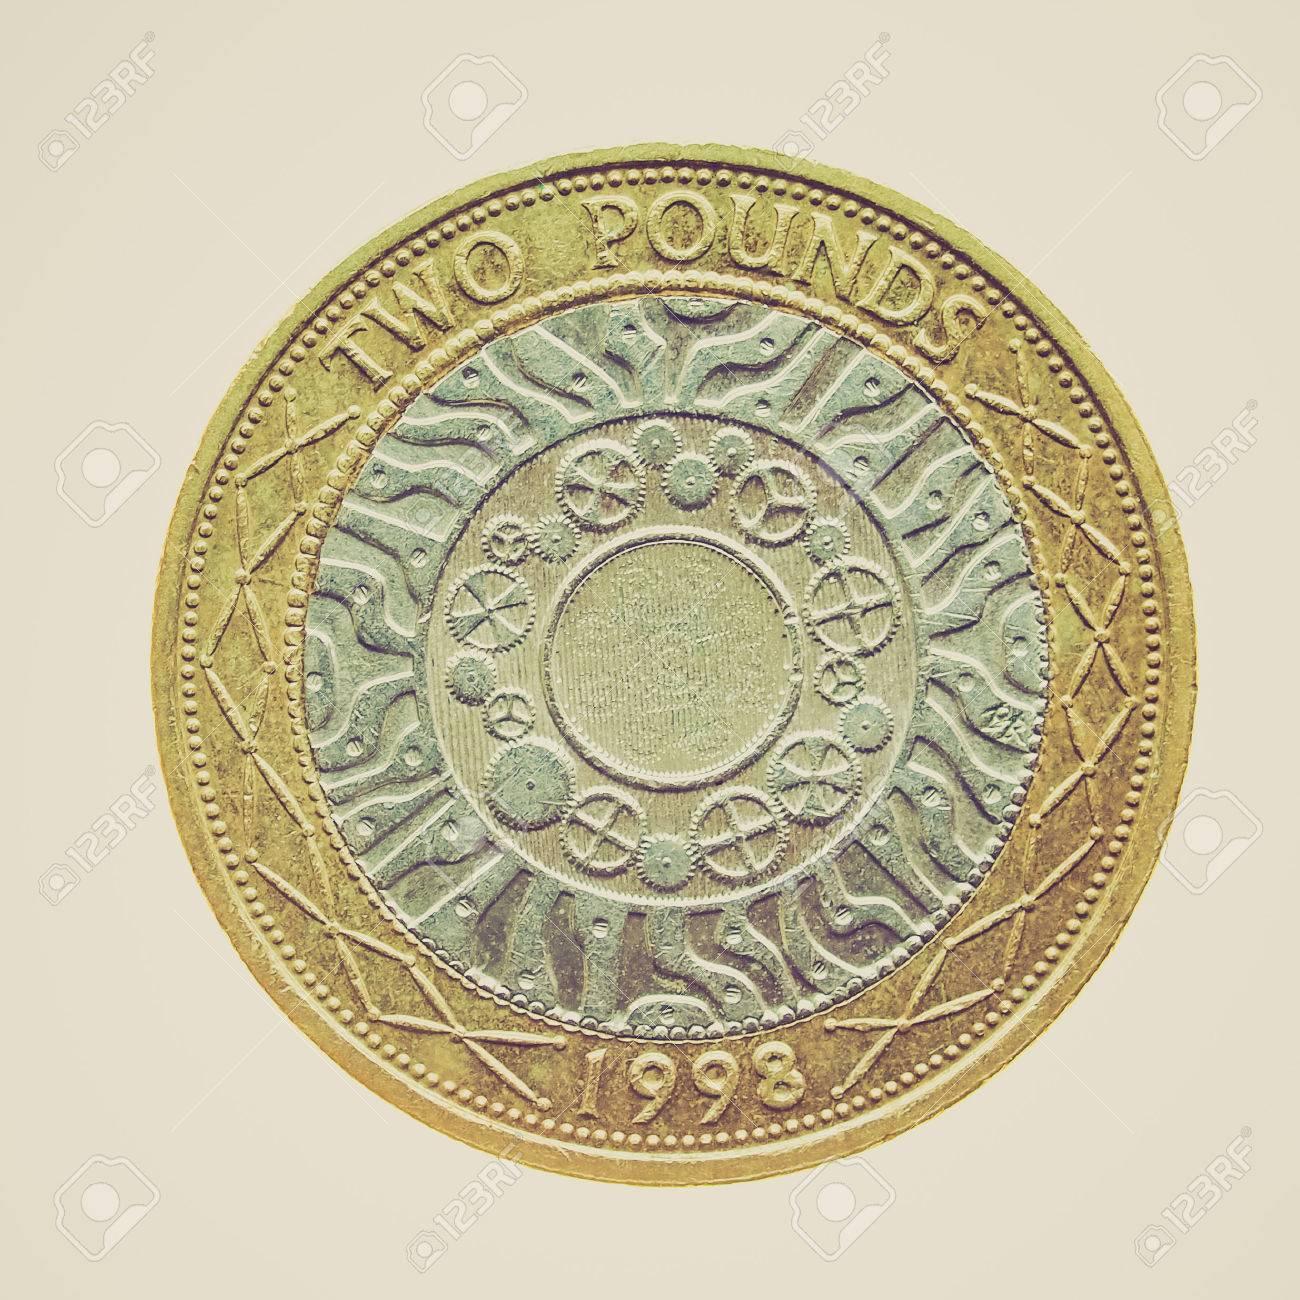 Weinlese Die Zwei Pfund Münze Isoliert über Einen Weißen